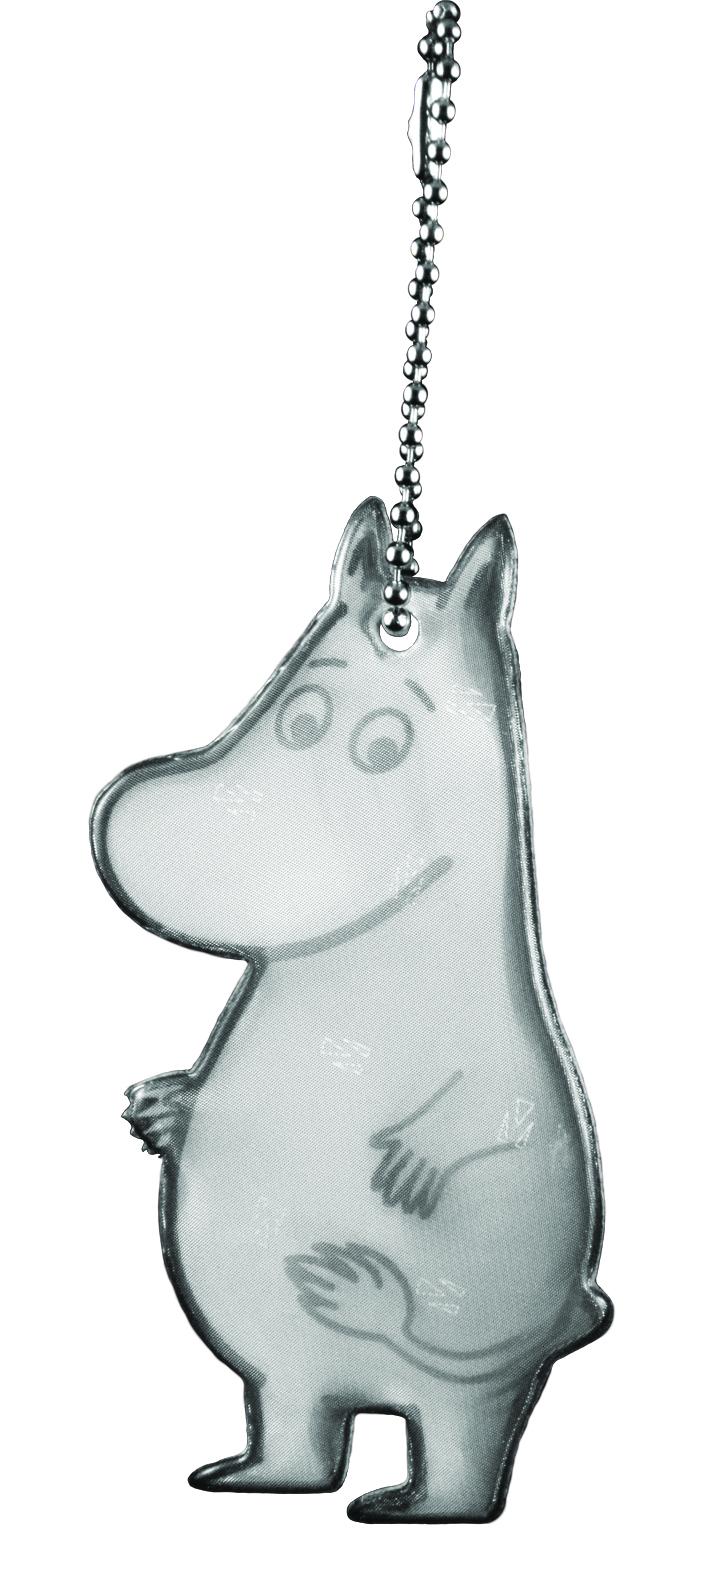 Popomax Glimmis Reflector Moomin